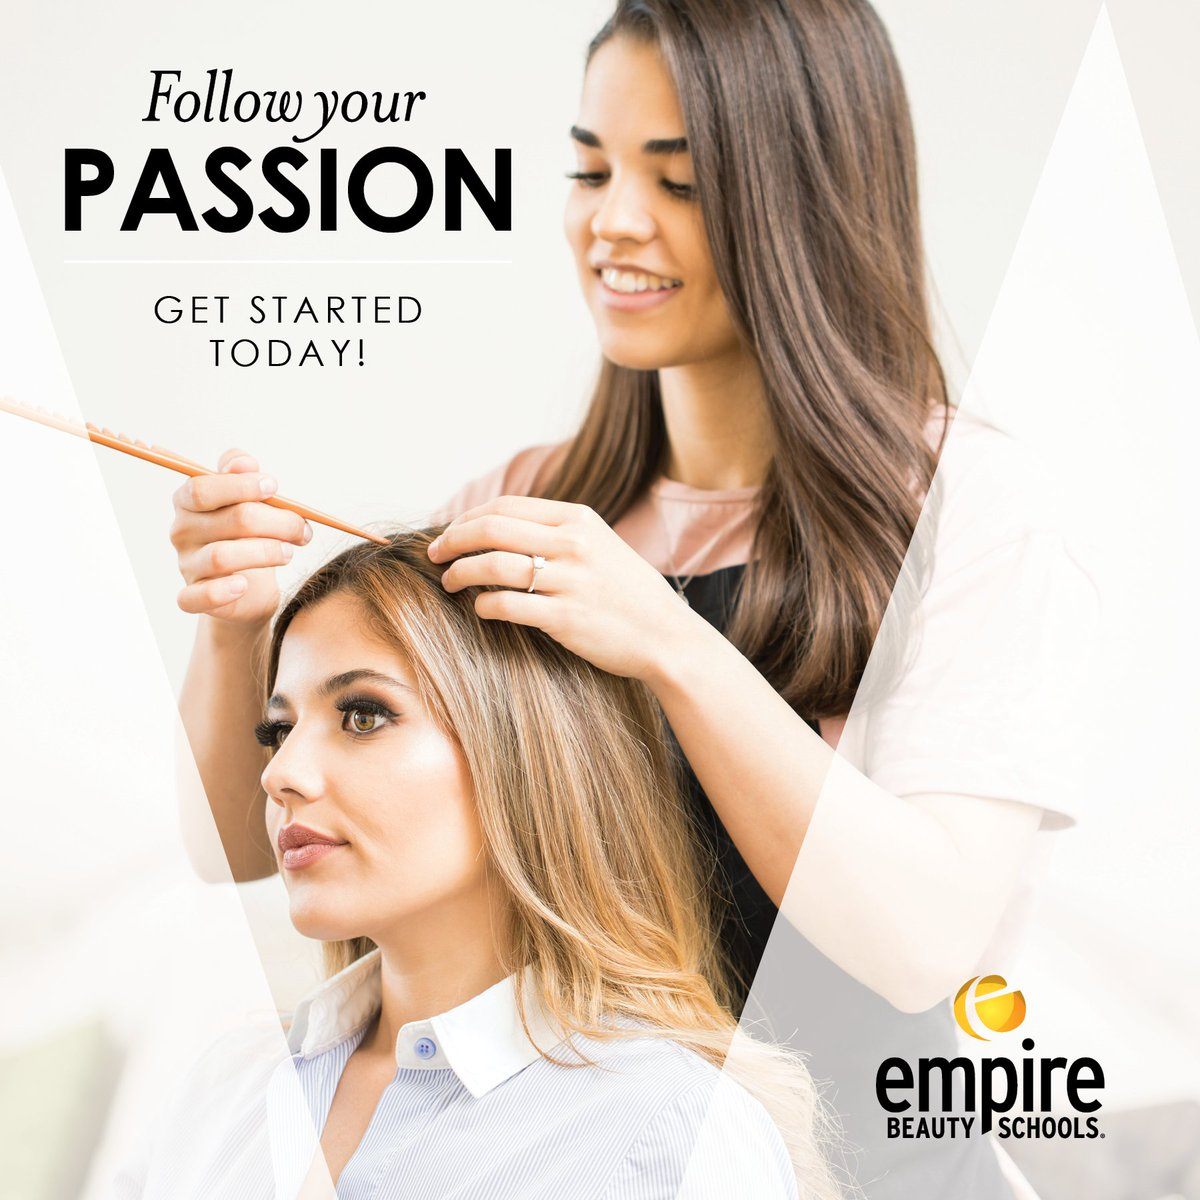 Empire Beauty School on Twitter: